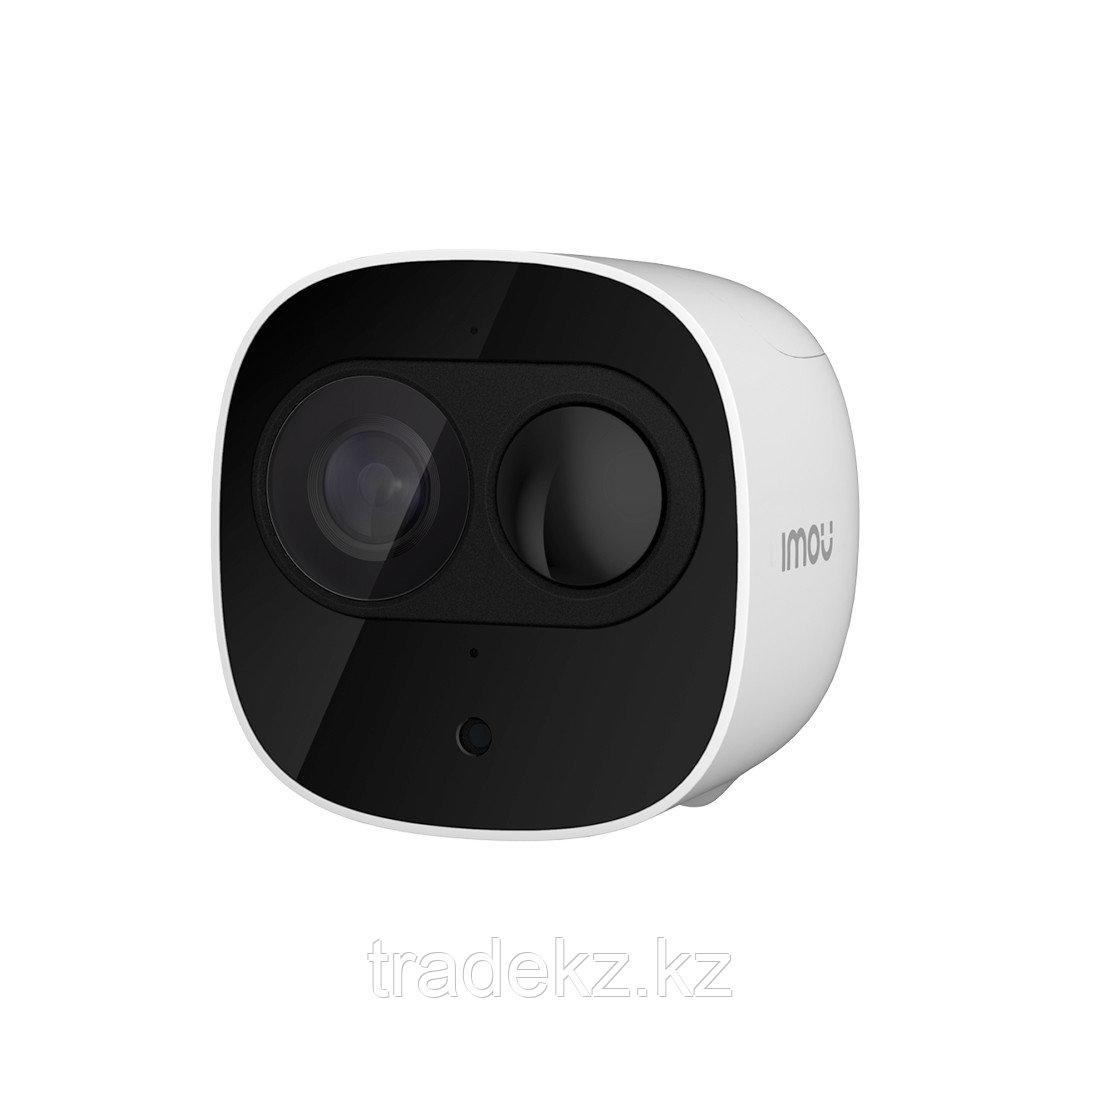 Интернет-камера, Wi-Fi видеокамера Imou Cell Pro